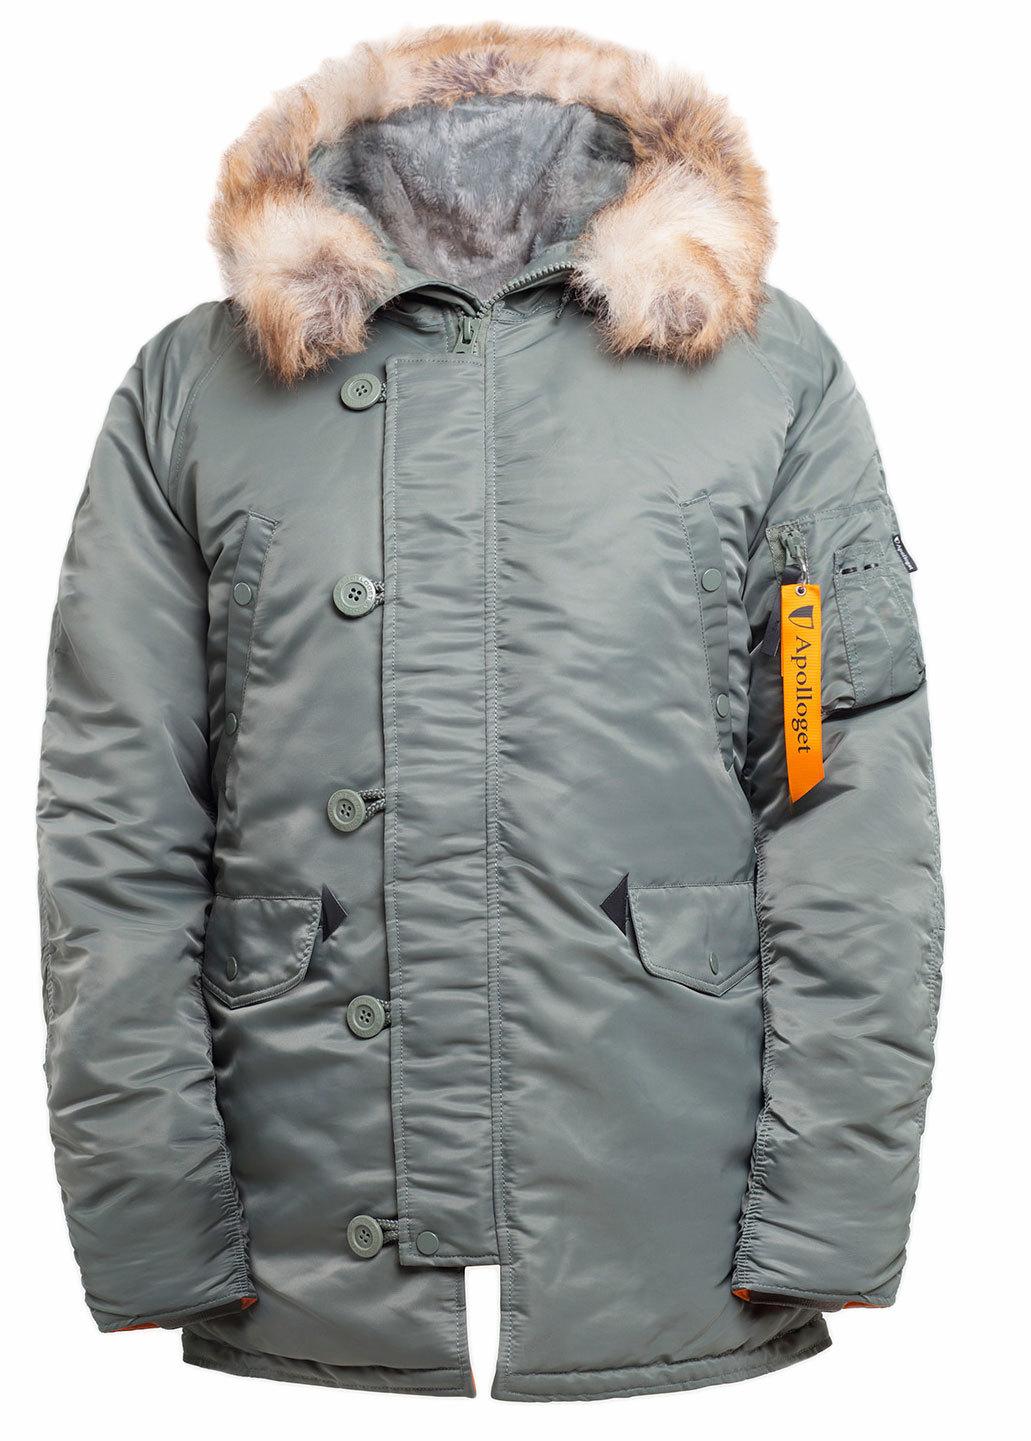 Куртка Аляска  N-3B  Husky Apolloget 2019 (оливковый - olive/orange)